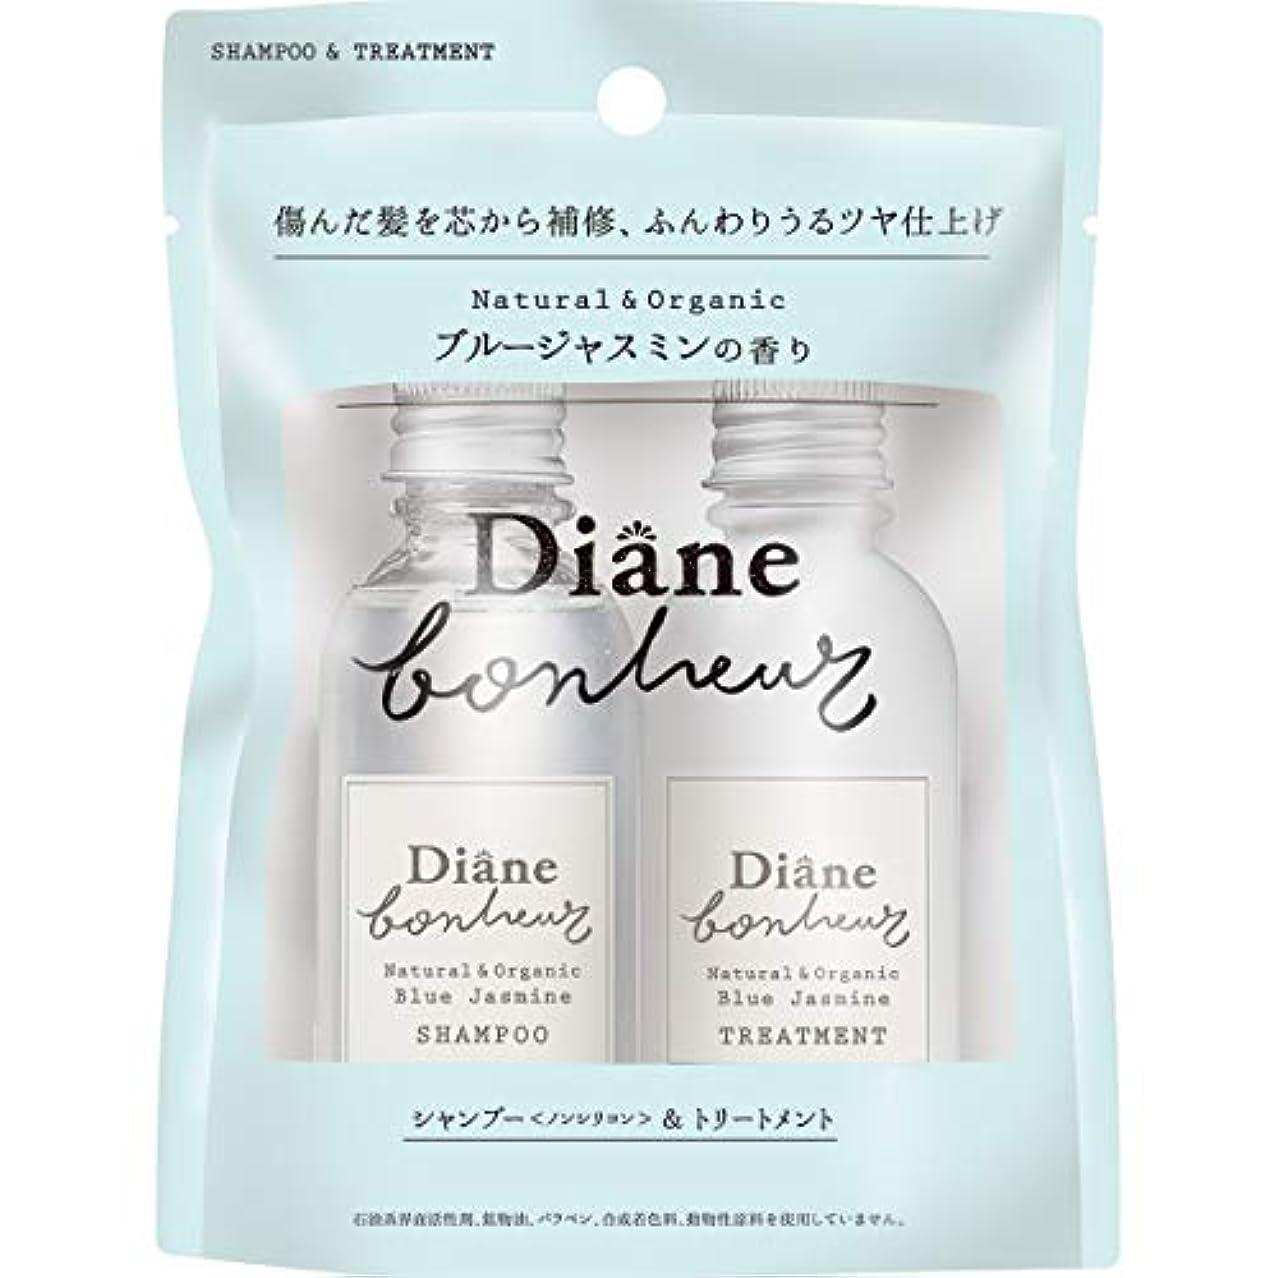 療法出版バリーダイアン ボヌール ブルージャスミンの香り シャンプー&トリートメント トライアル ダメージリペア&シャイン 40ml×2